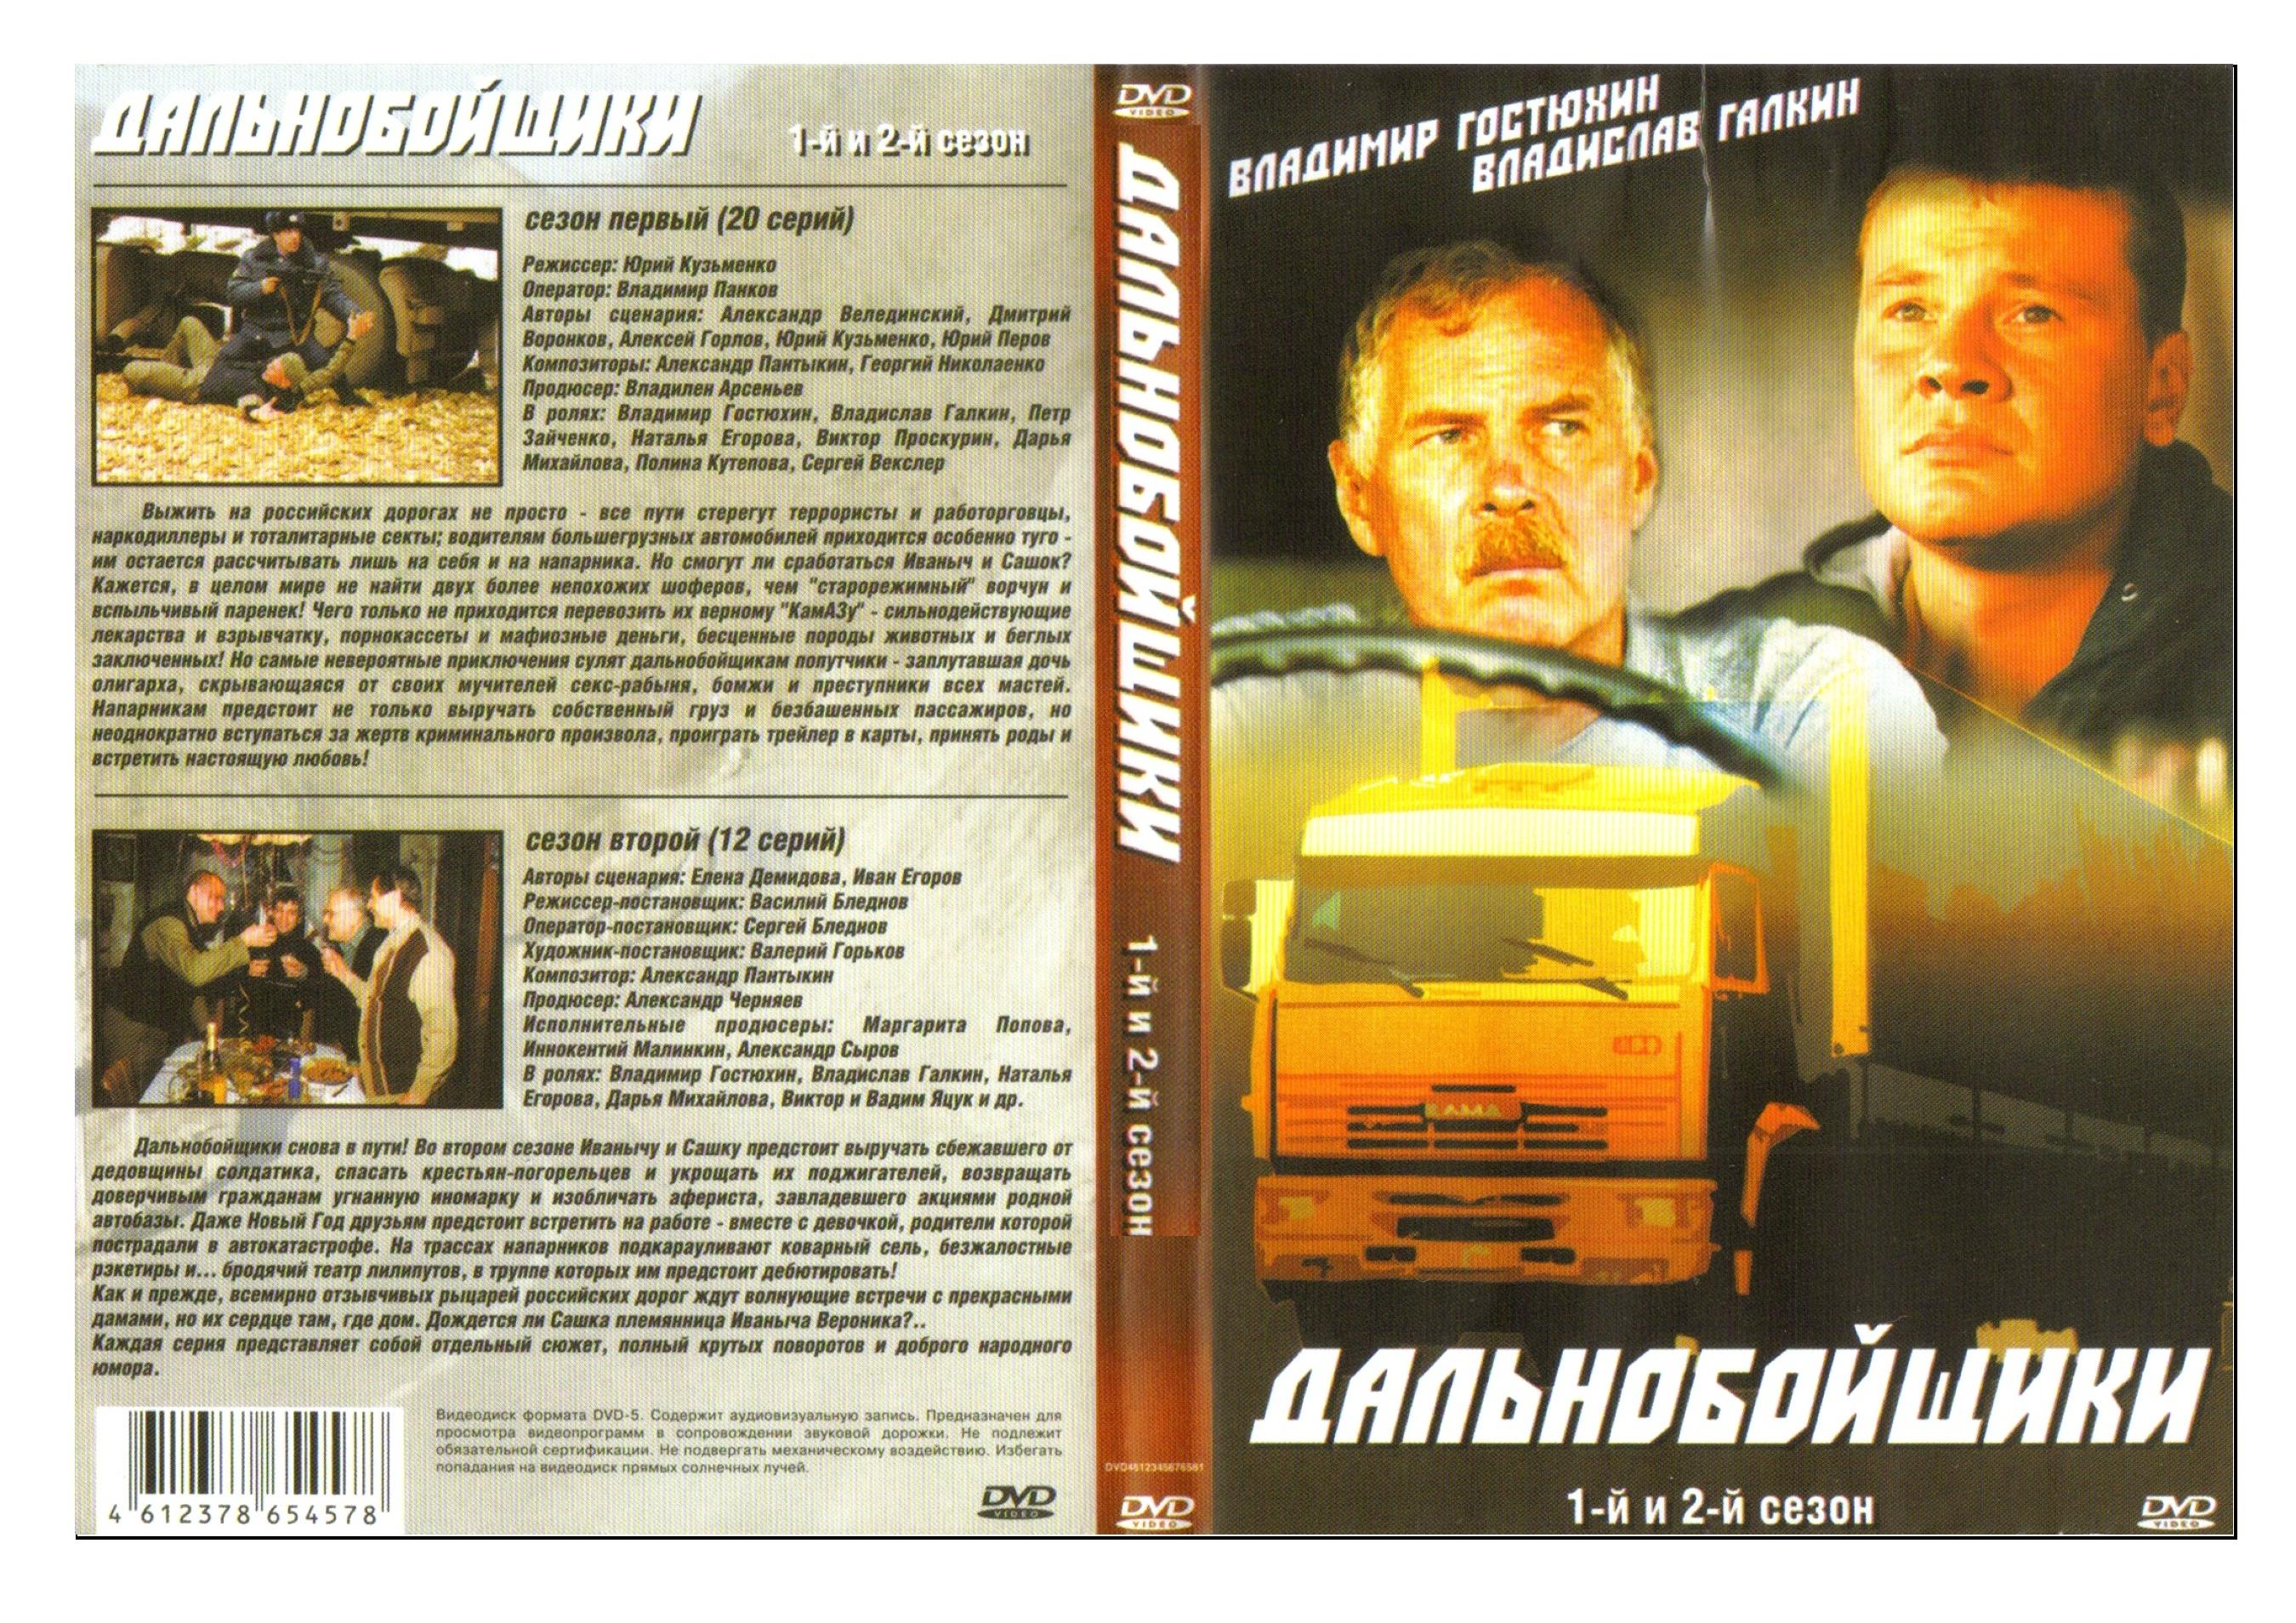 Дальнобойщики 1 сезон смотреть онлайн 2001 с андроид скачать в mp4.